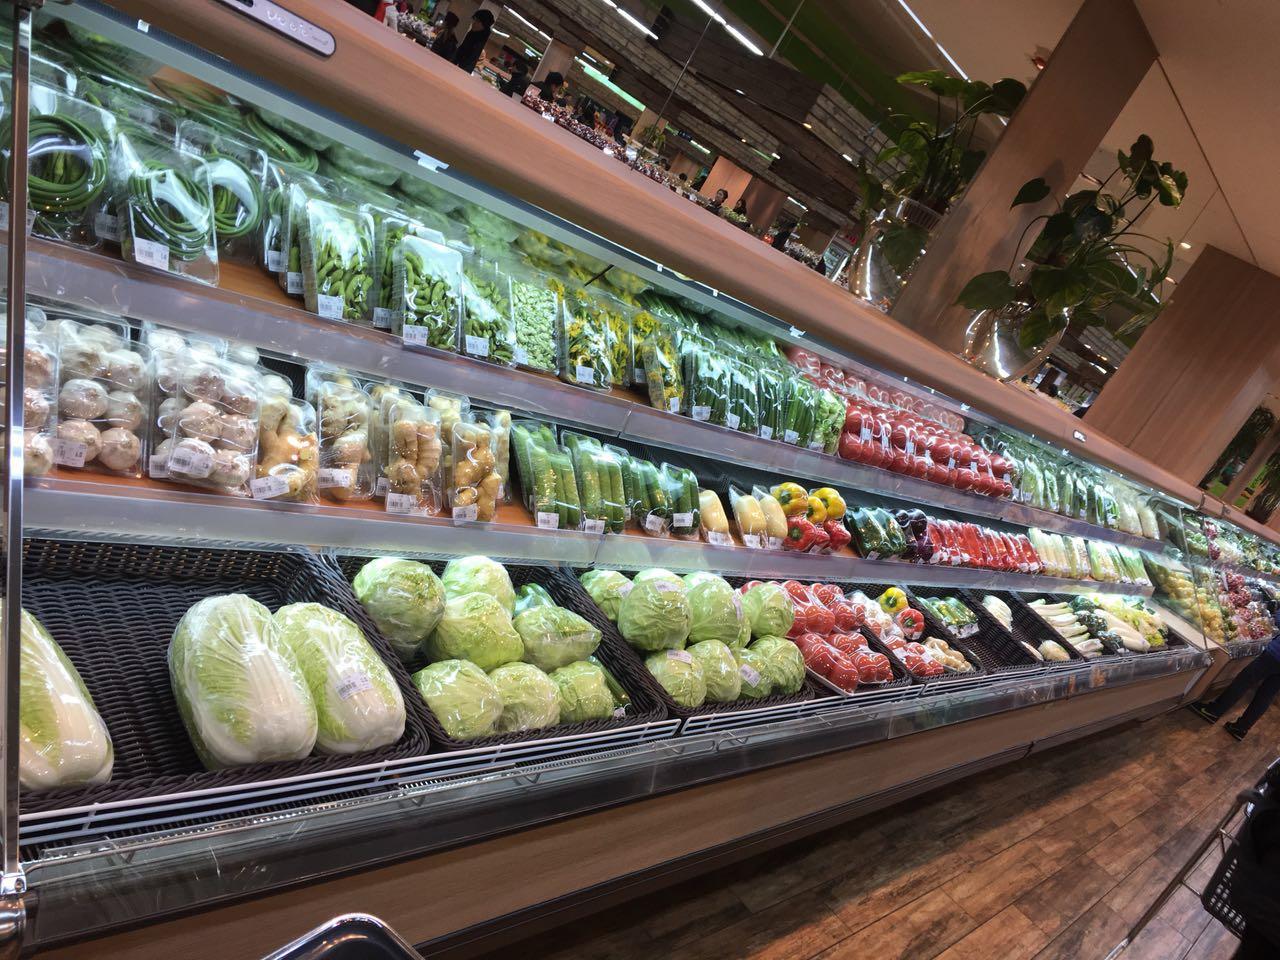 超市蔬果陈列图片